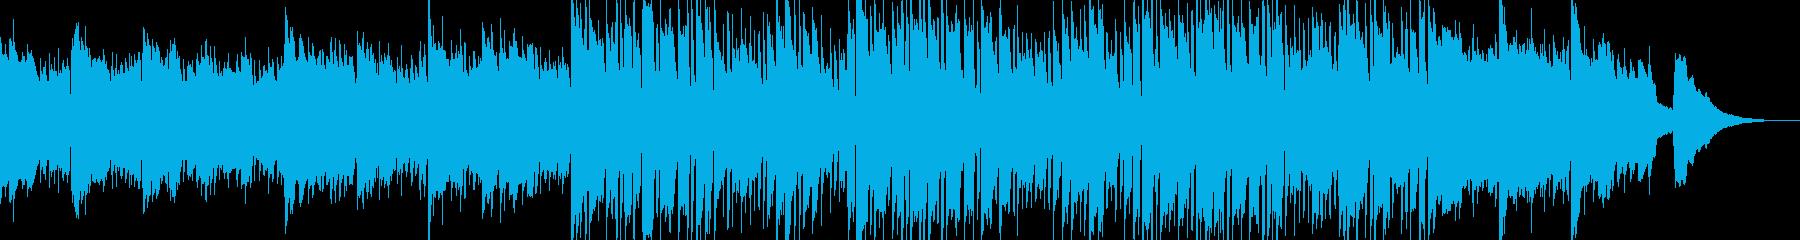 Warm Calm Acousticの再生済みの波形